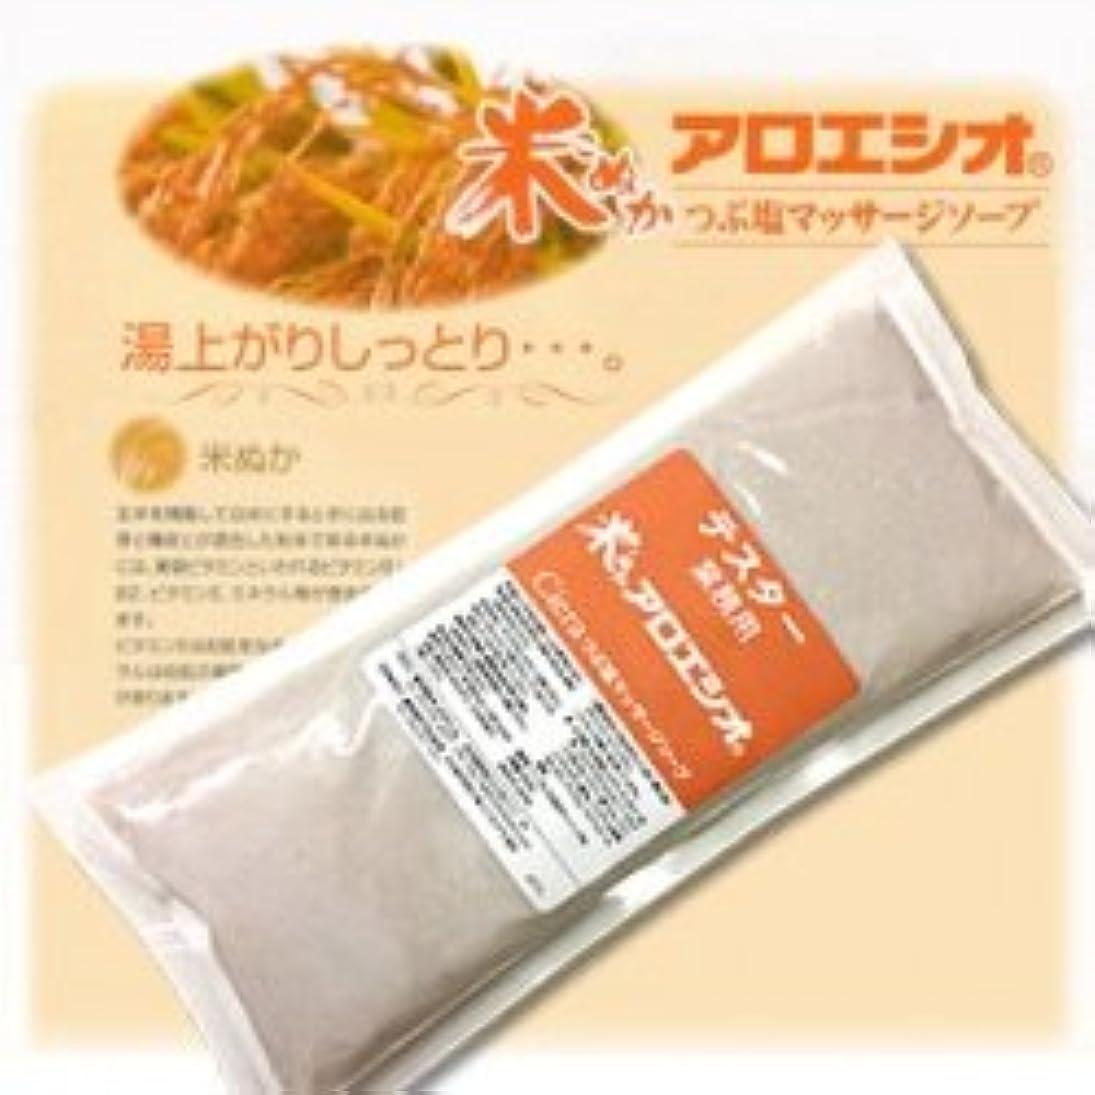 パラダイスラジエーター構造業務用米ぬかアロエ塩 800g つぶ塩マッサージソープ/ フタバ化学 アロエシオ Ciera